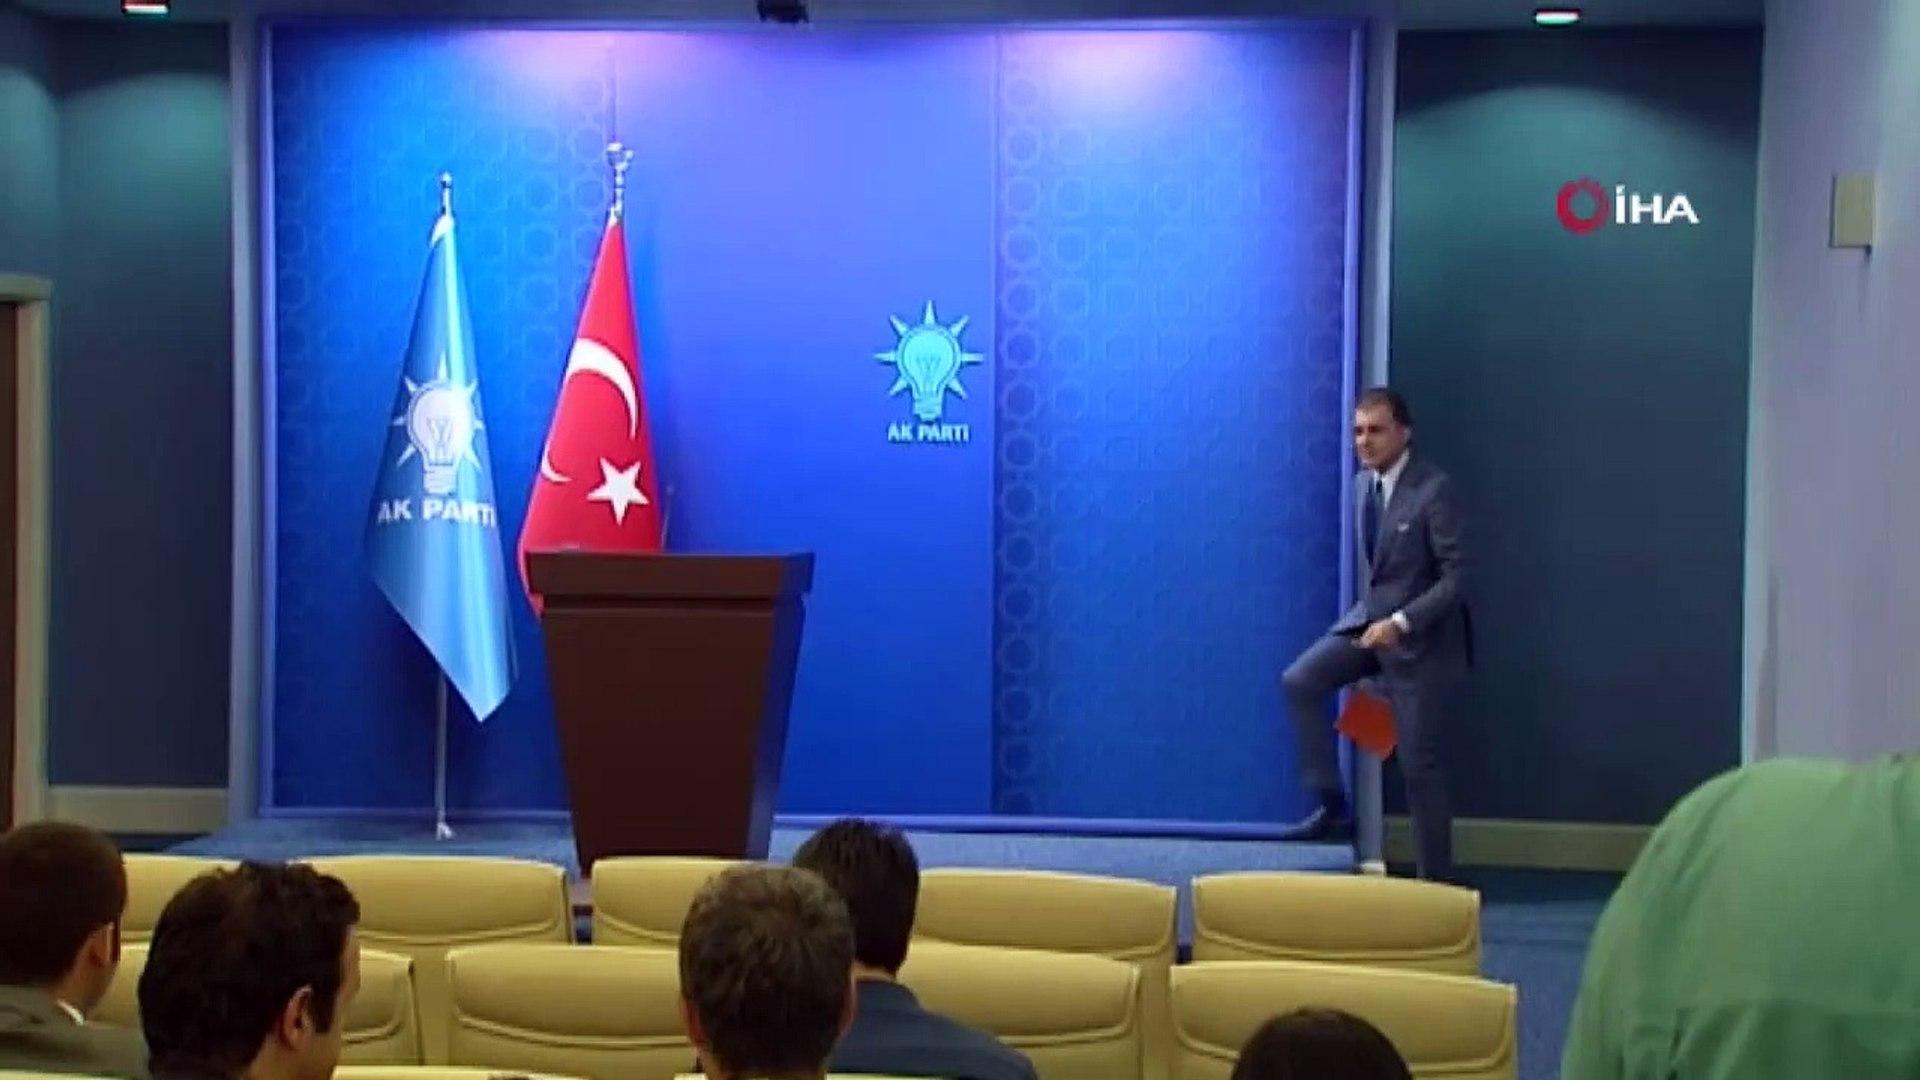 """Ömer Çelik """"Yunanistan Türkiye'nin İyi Komşuluğunun Kıymetini Bilmelidir"""" iha"""